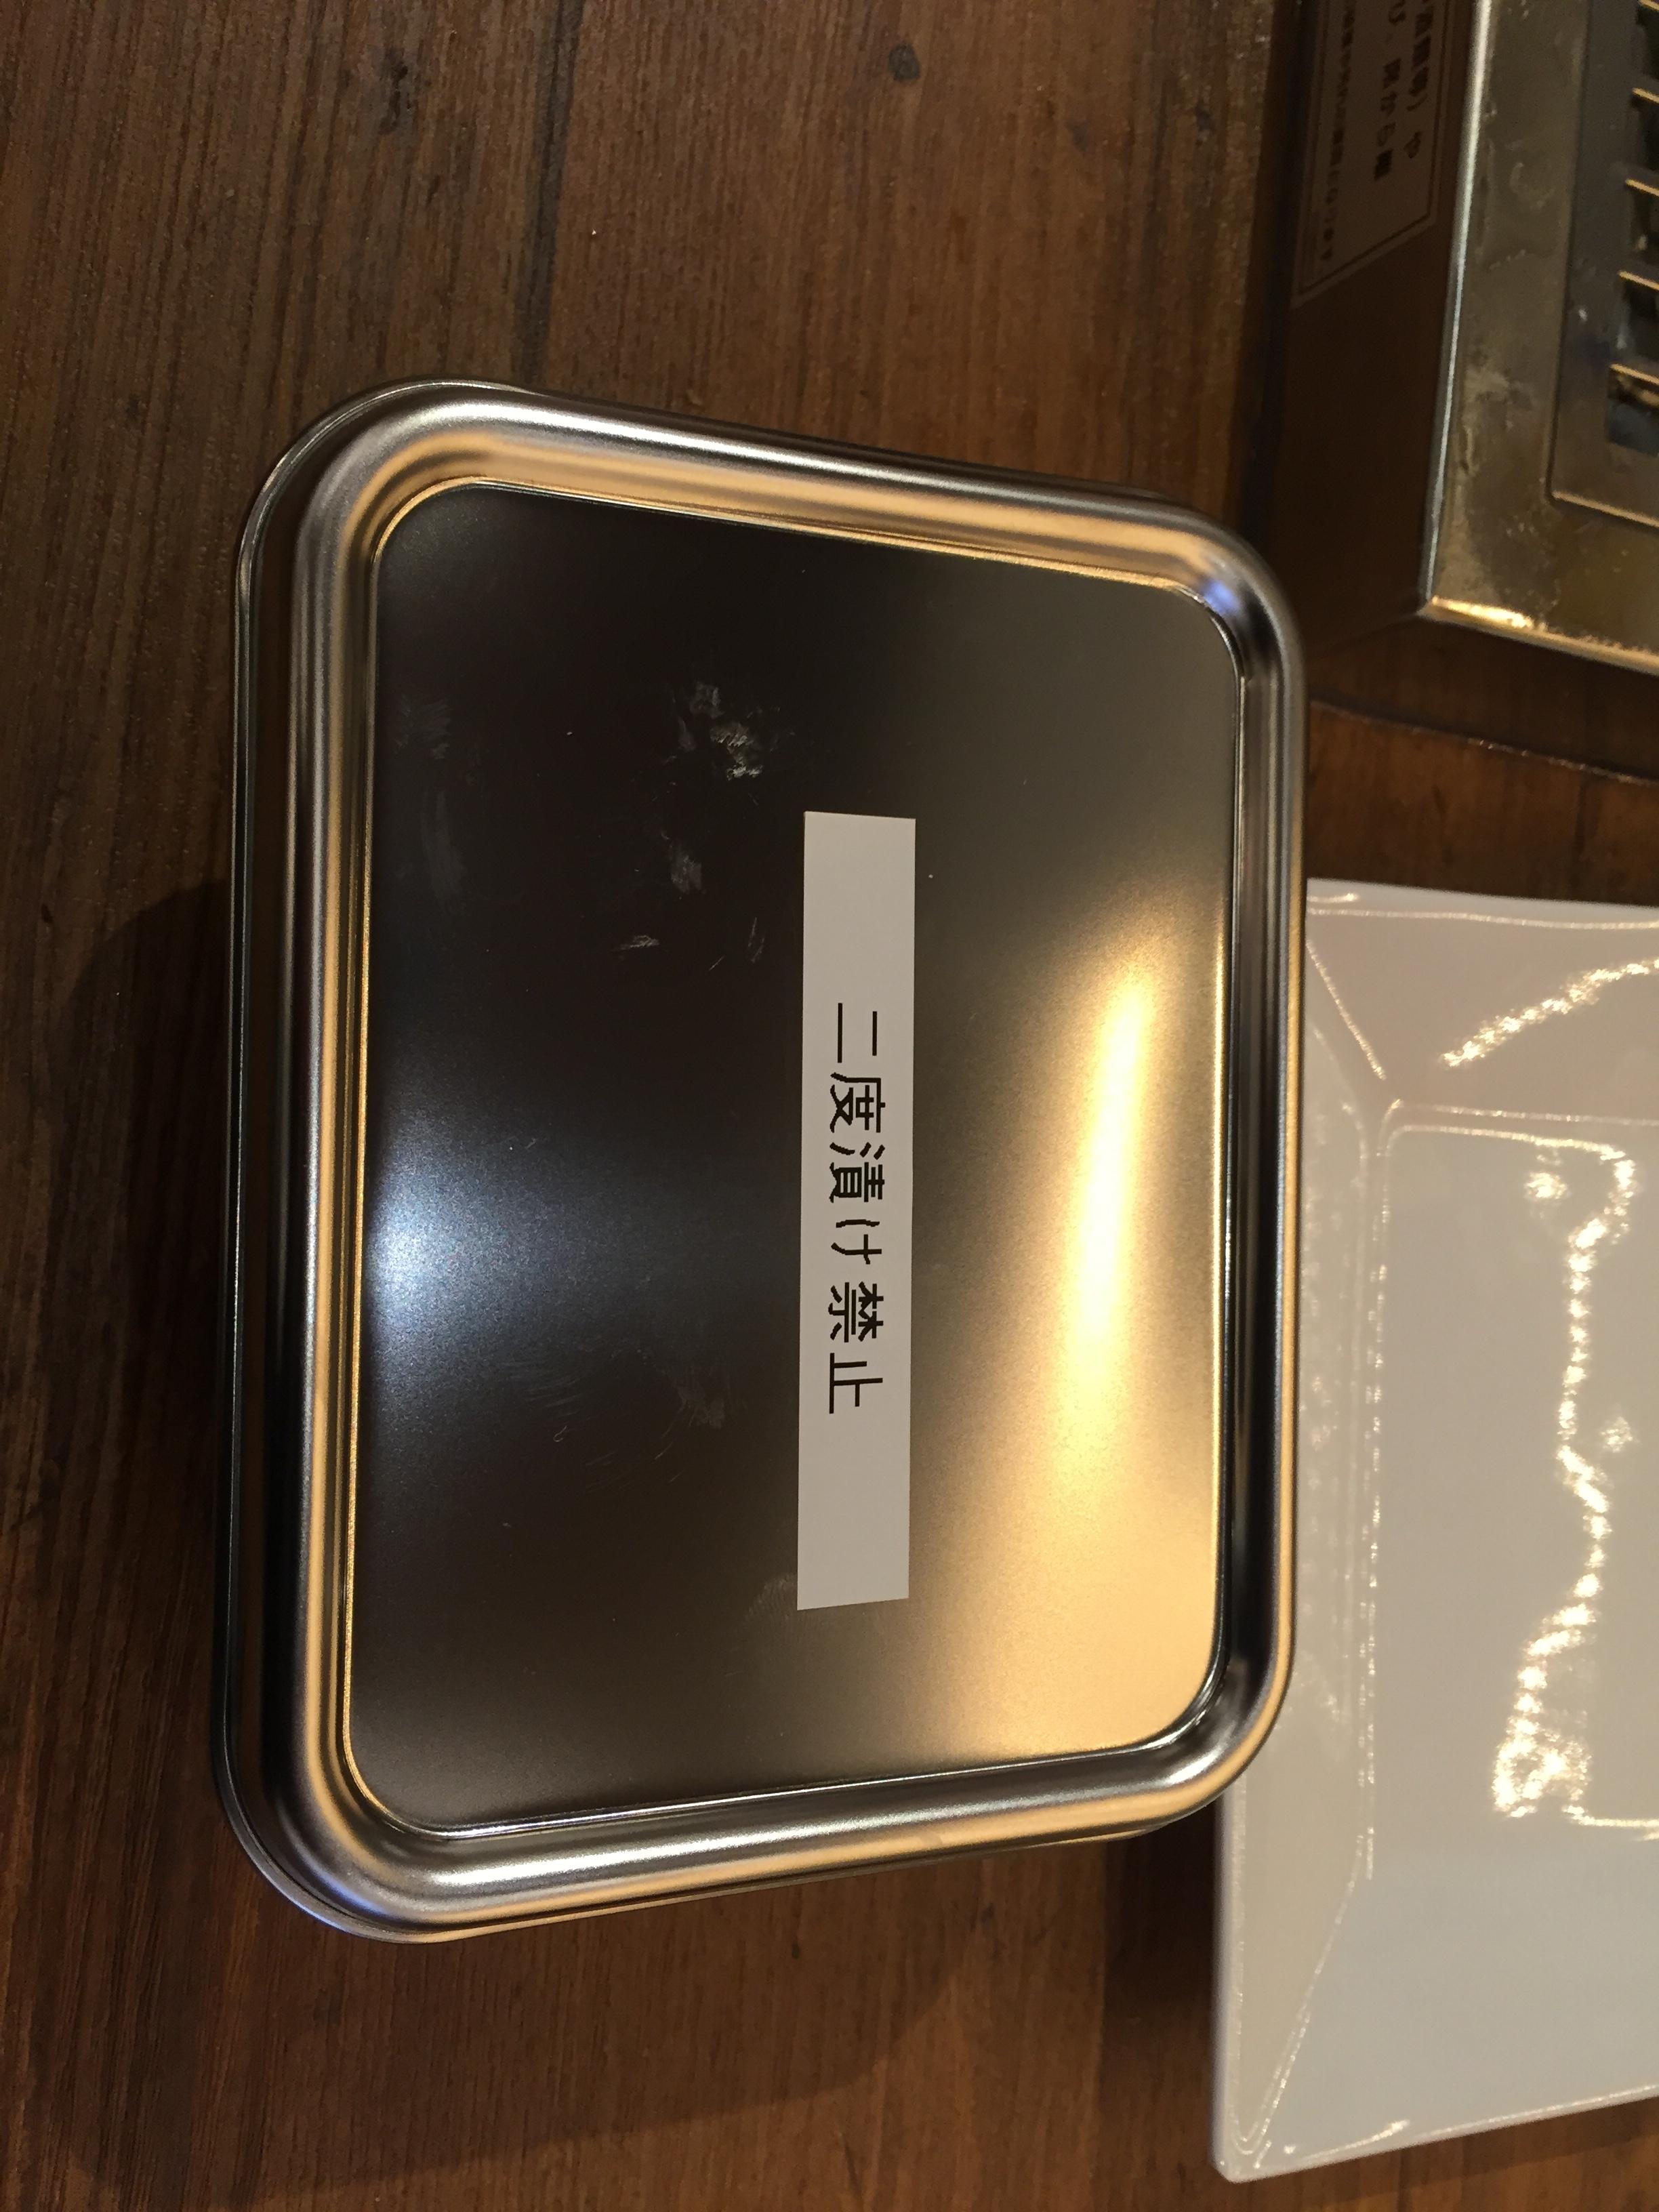 大阪通天閣新世界串カツバイキング大統領串カツソース二度づけ禁止